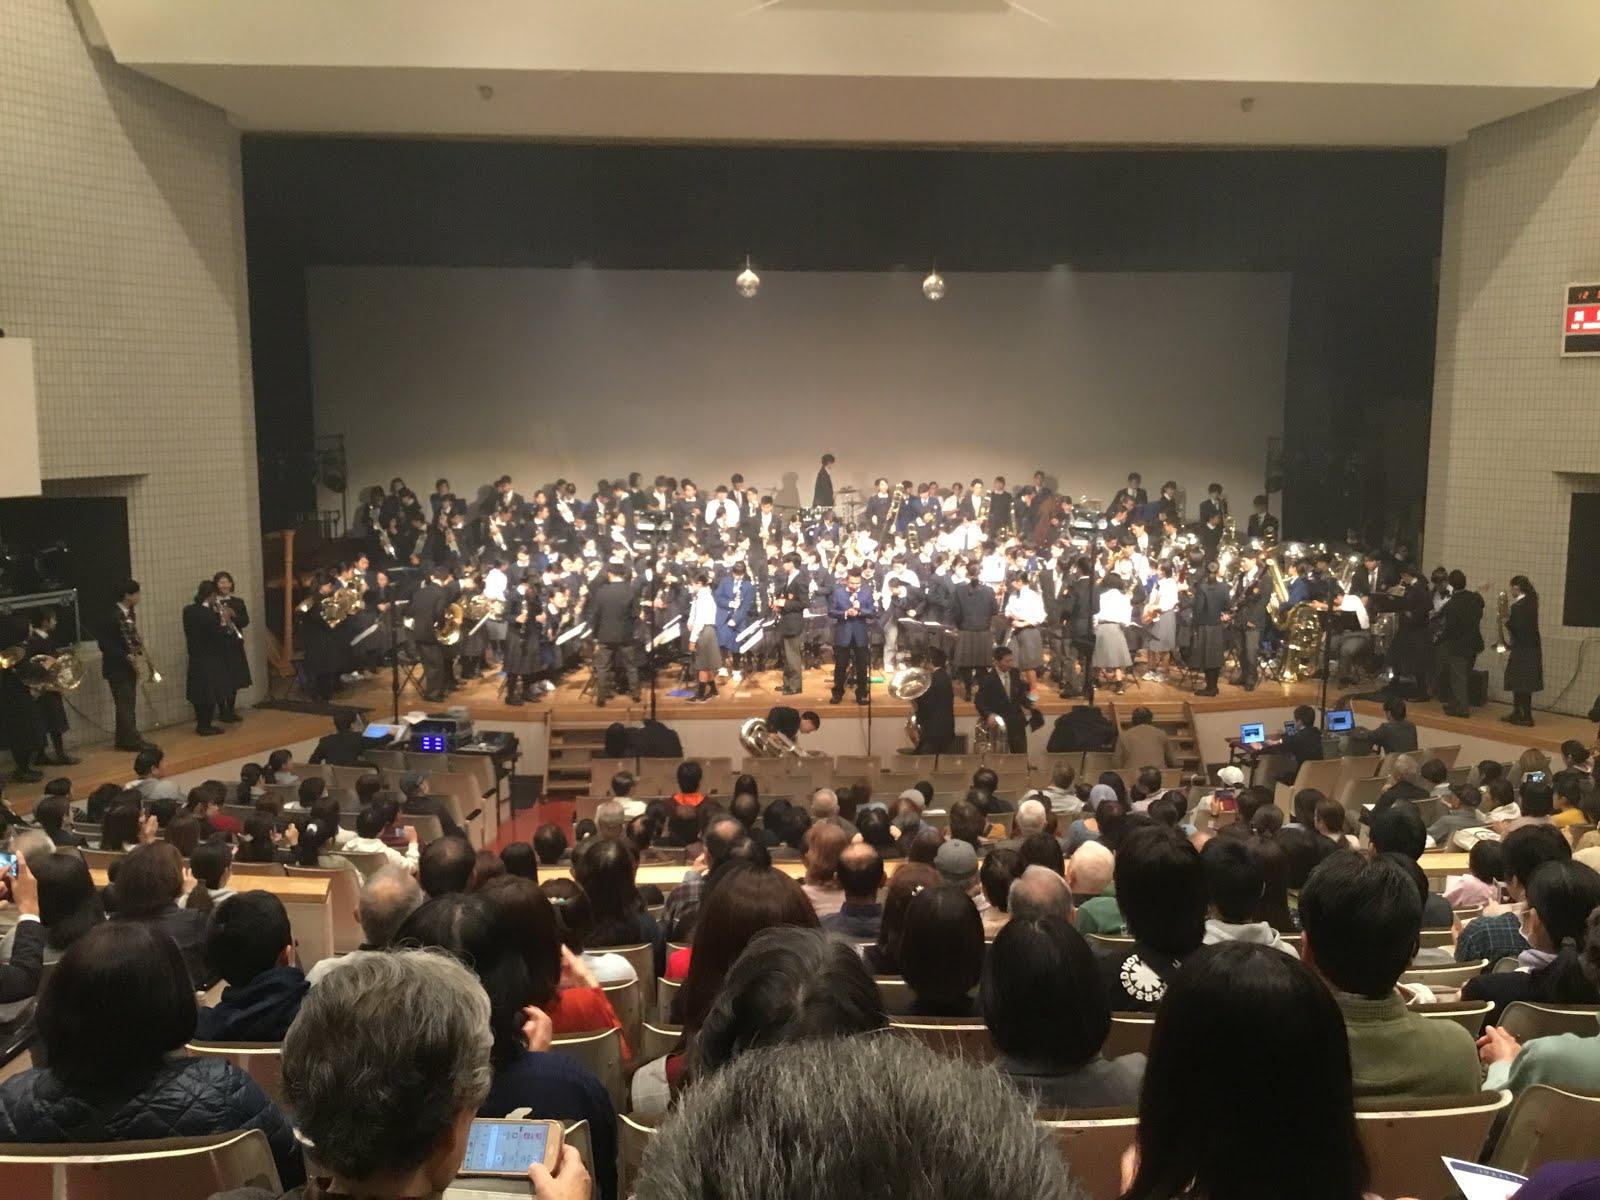 吹奏楽 大阪 桐蔭高 部 校